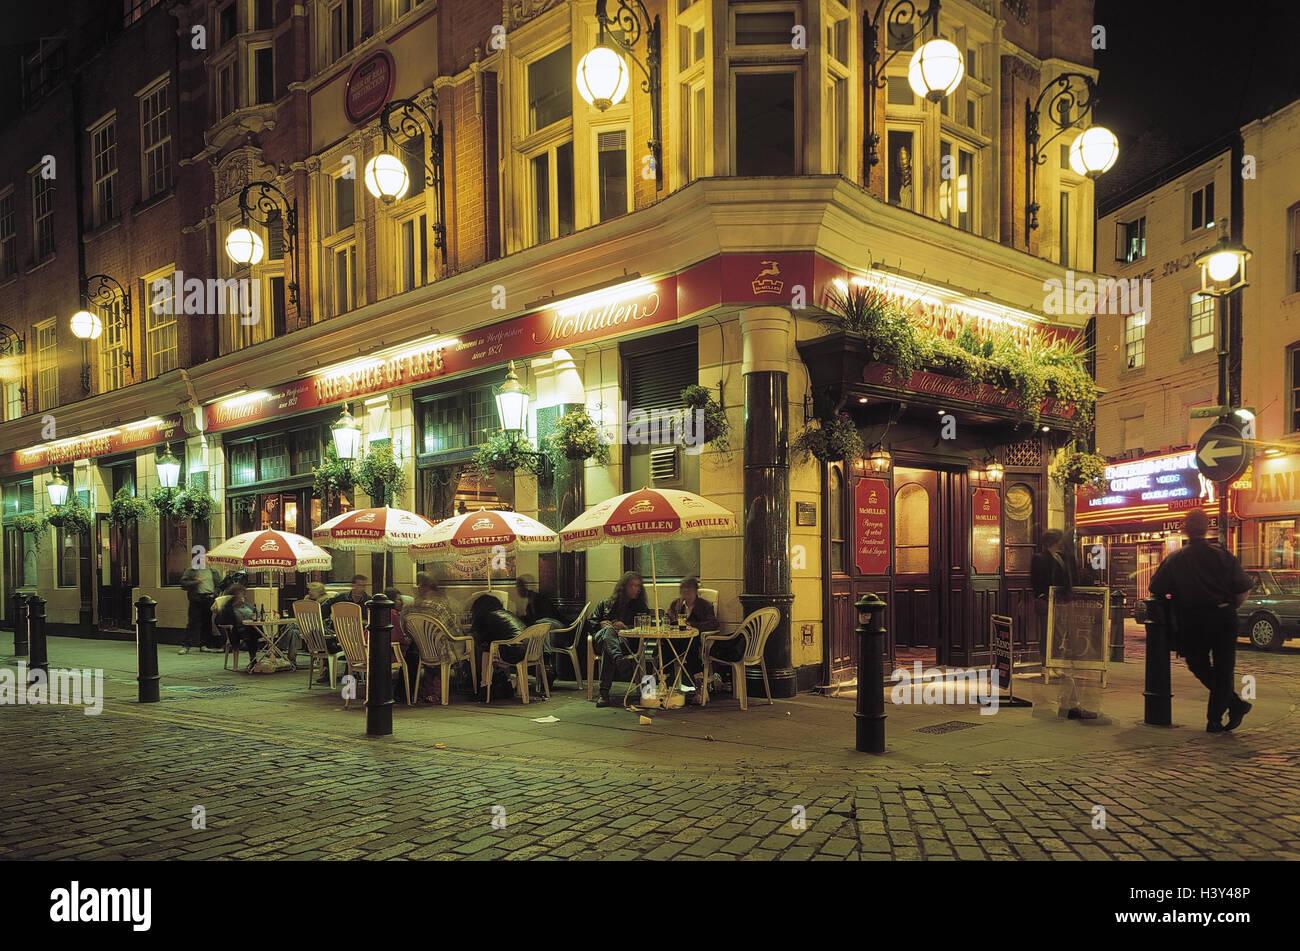 Leroy merlin illuminazione esterno lusso sgabello da bar day up itapro